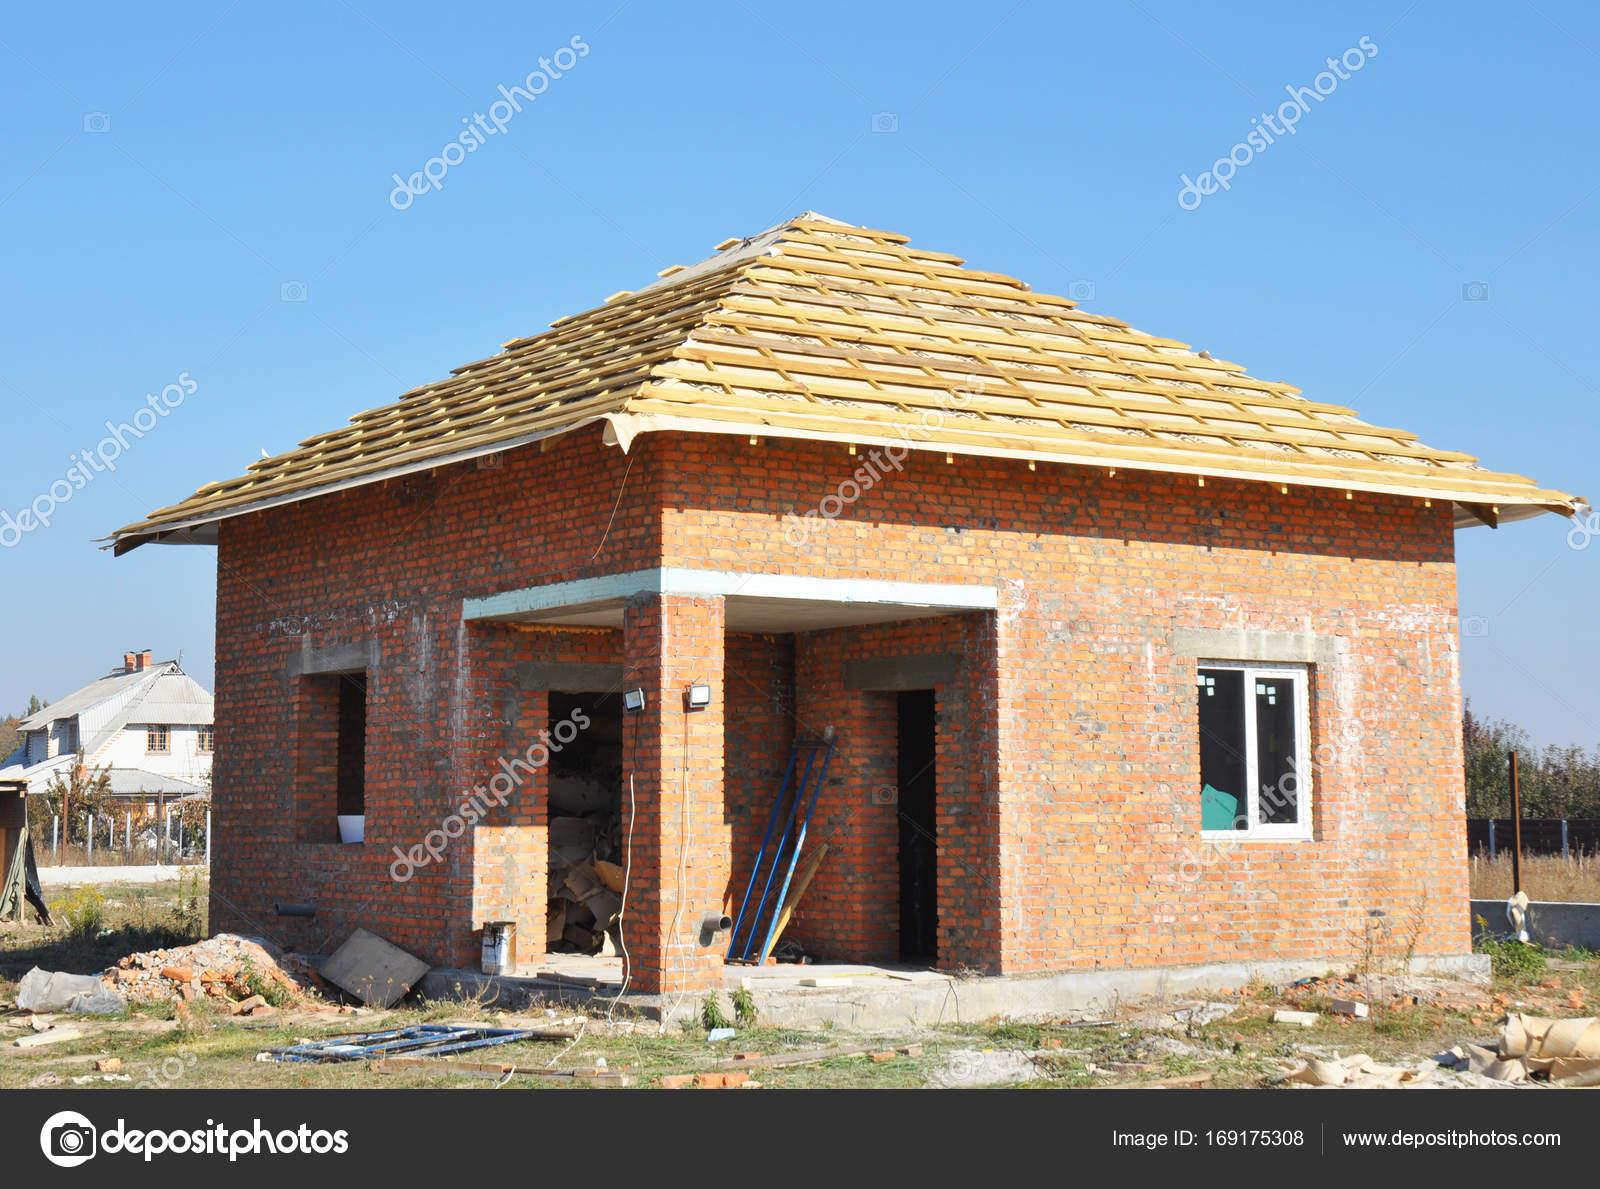 Techos construcci n exterior con fachada de ladrillo rojo for Construccion de piscinas con ladrillos